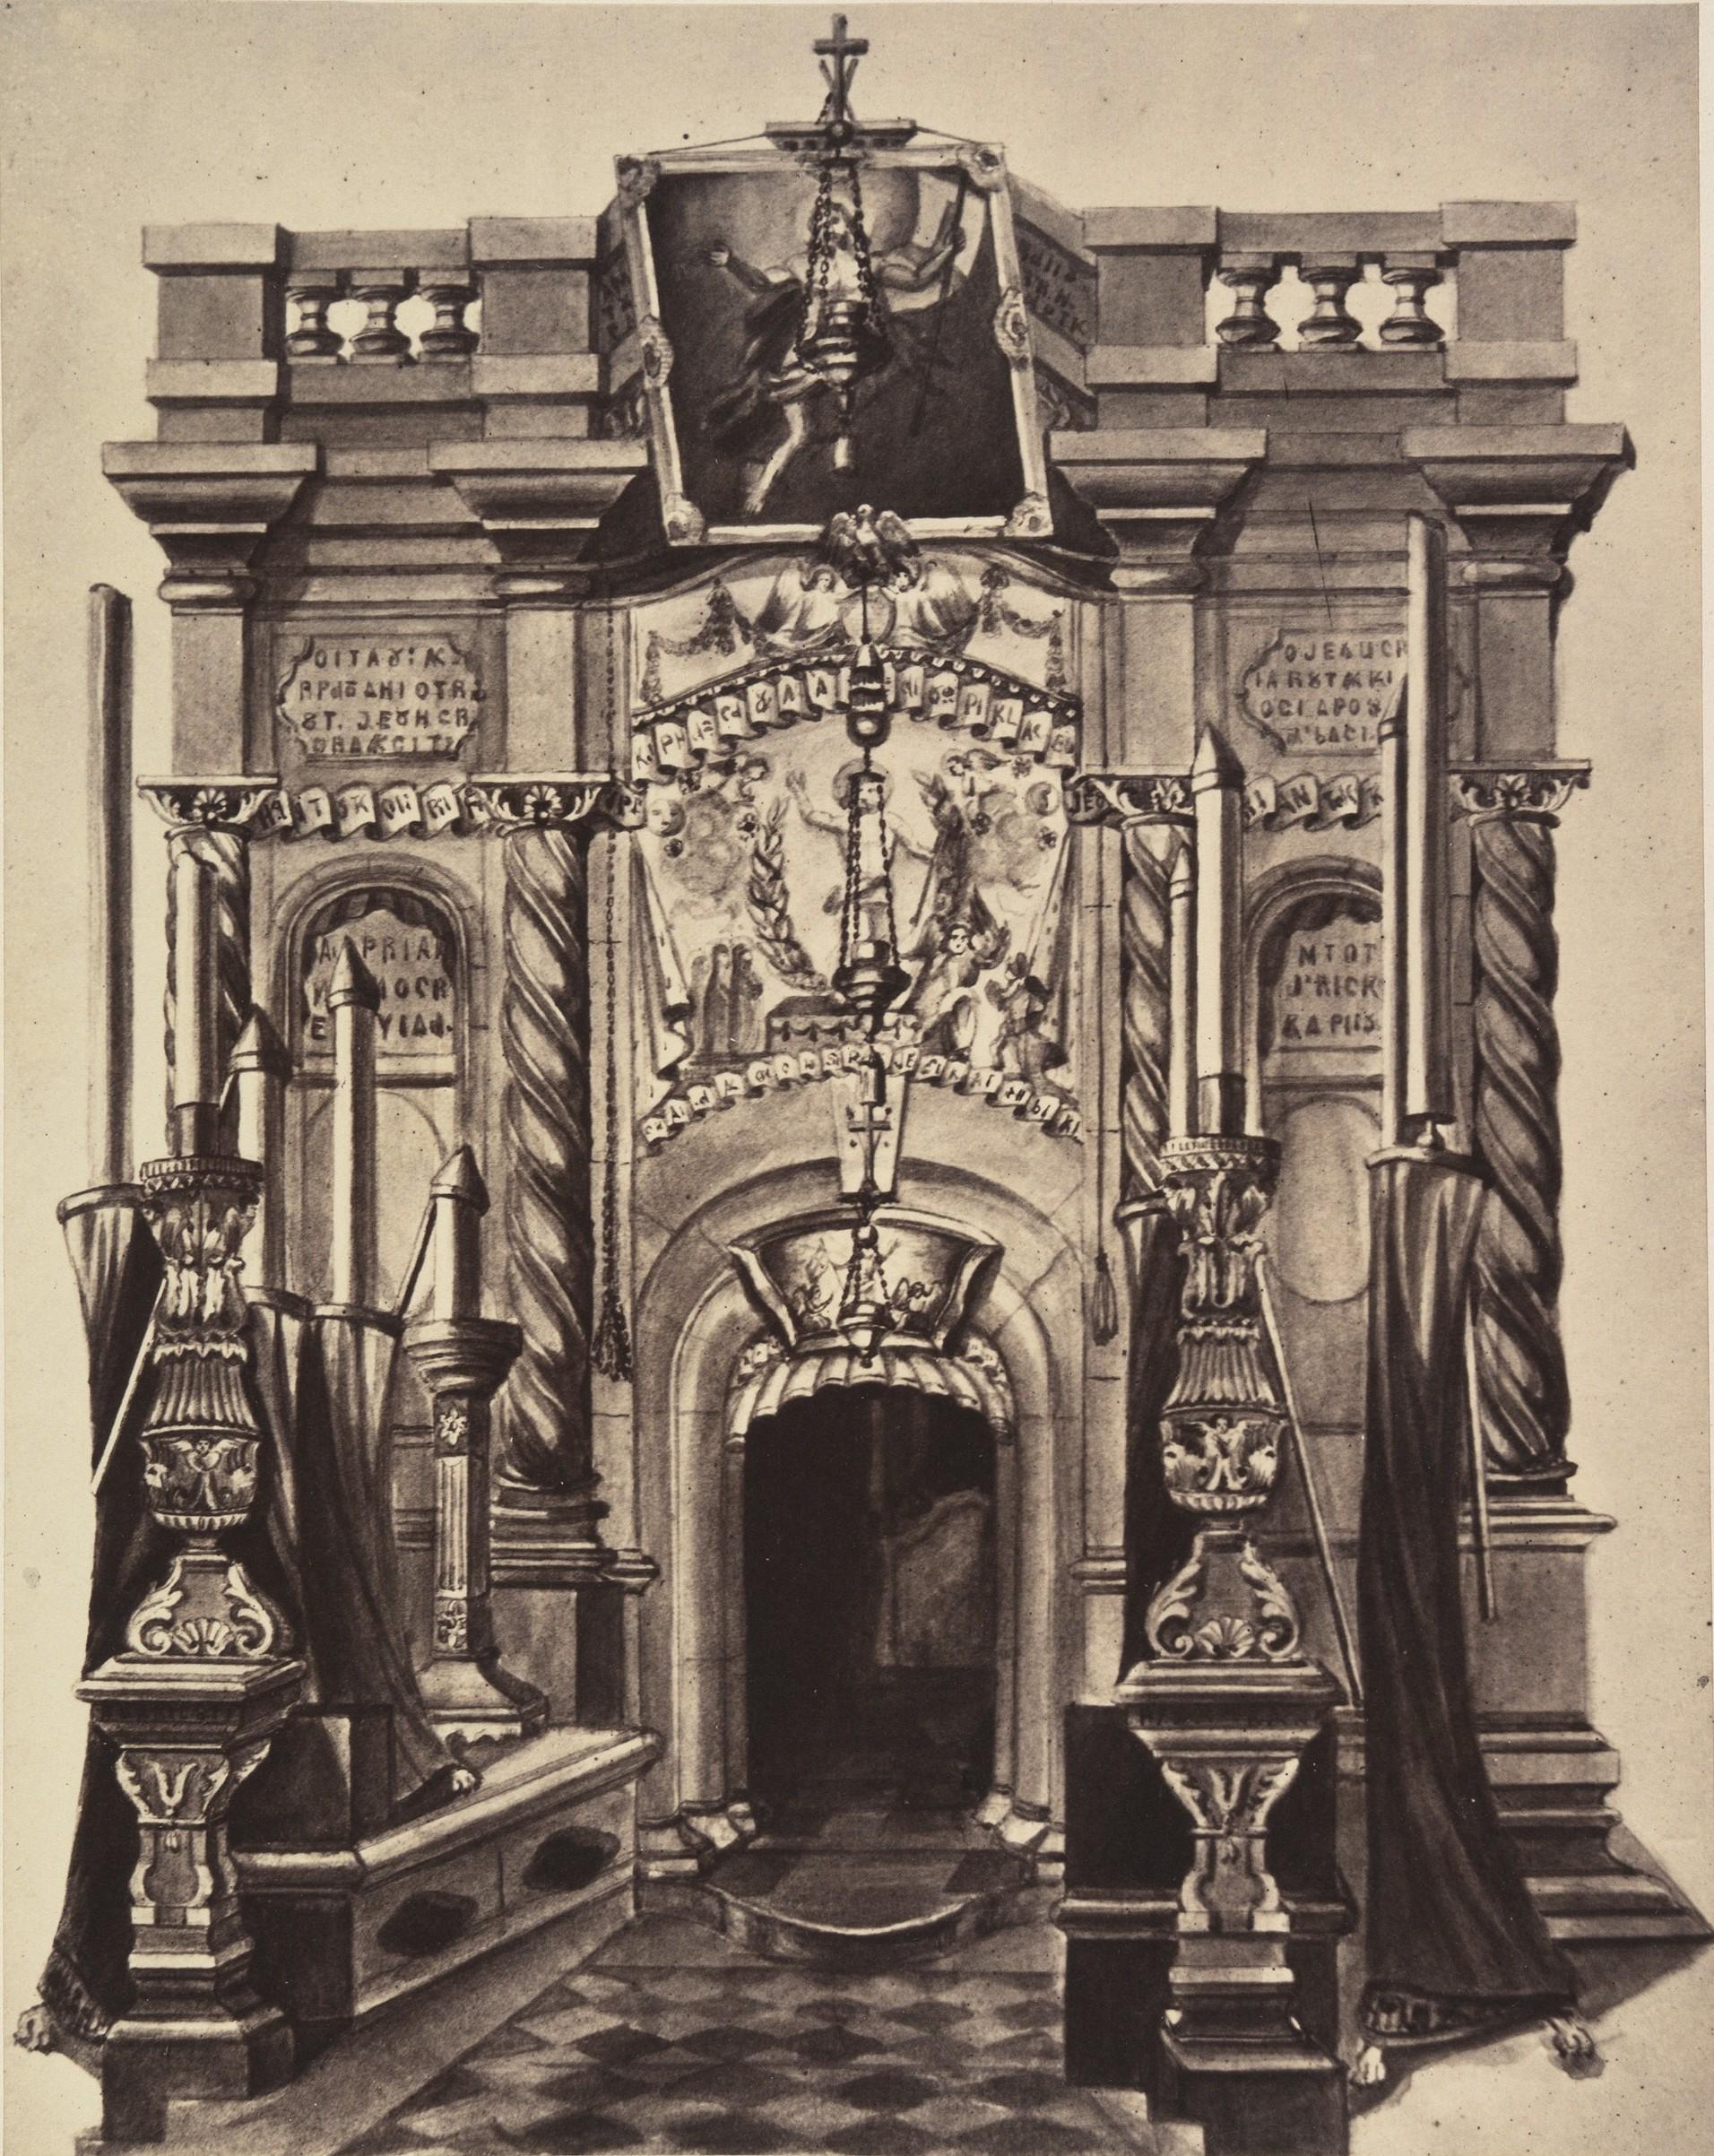 XIV станции. Положение во гроб. Тут Иосиф Аримафейский кладет тело Иисуса в склеп, а римляне закрывают вход огромным камнем. Здесь же и произошло воскрешение